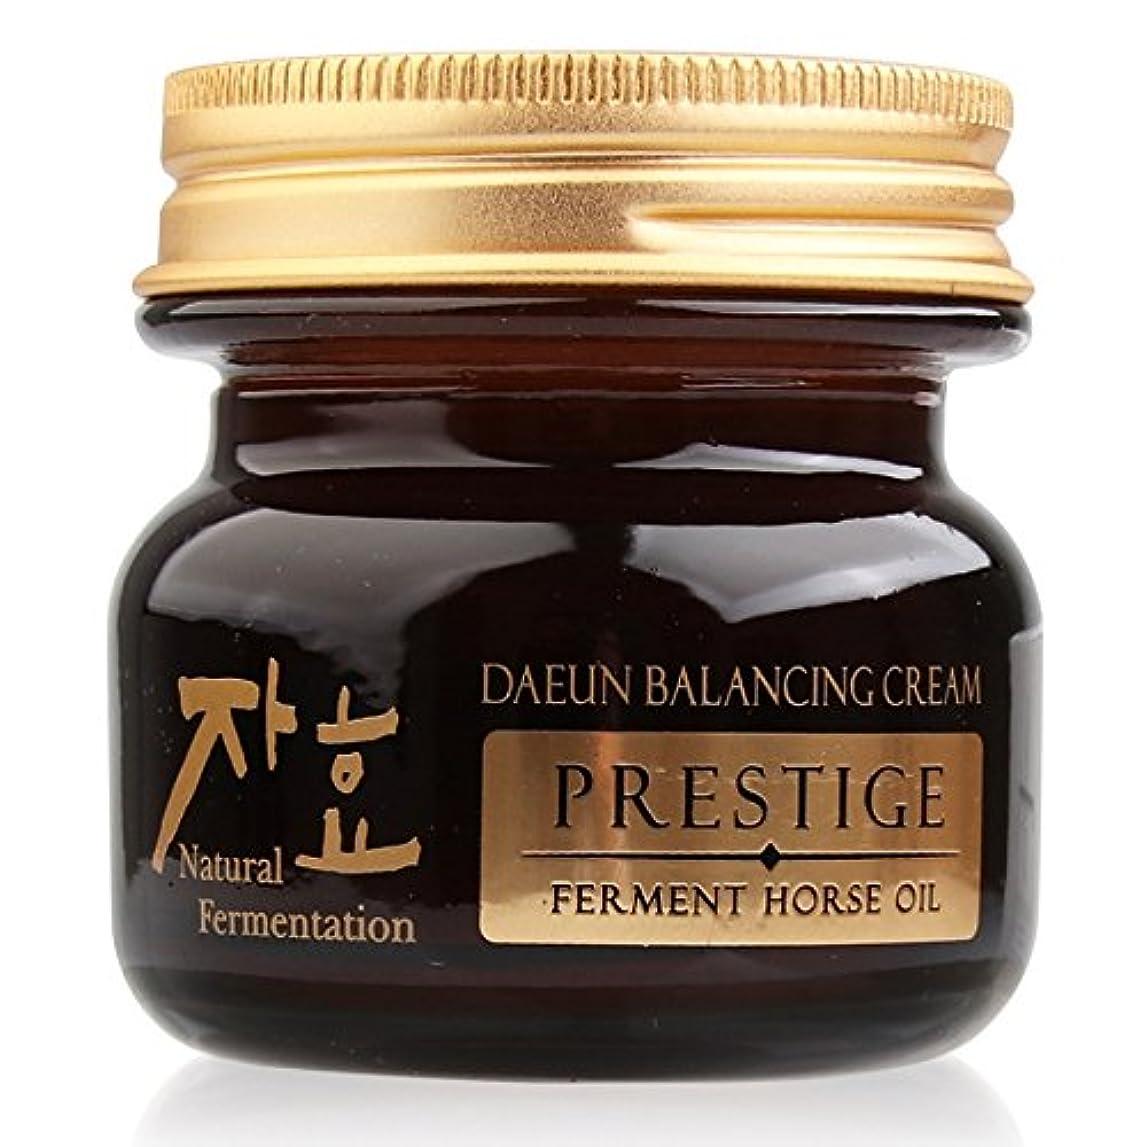 ロバ除外するかかわらずZHAHYO Daeun Balancing Fermented Horse Oil Cream 65g/Korea Cosmetics